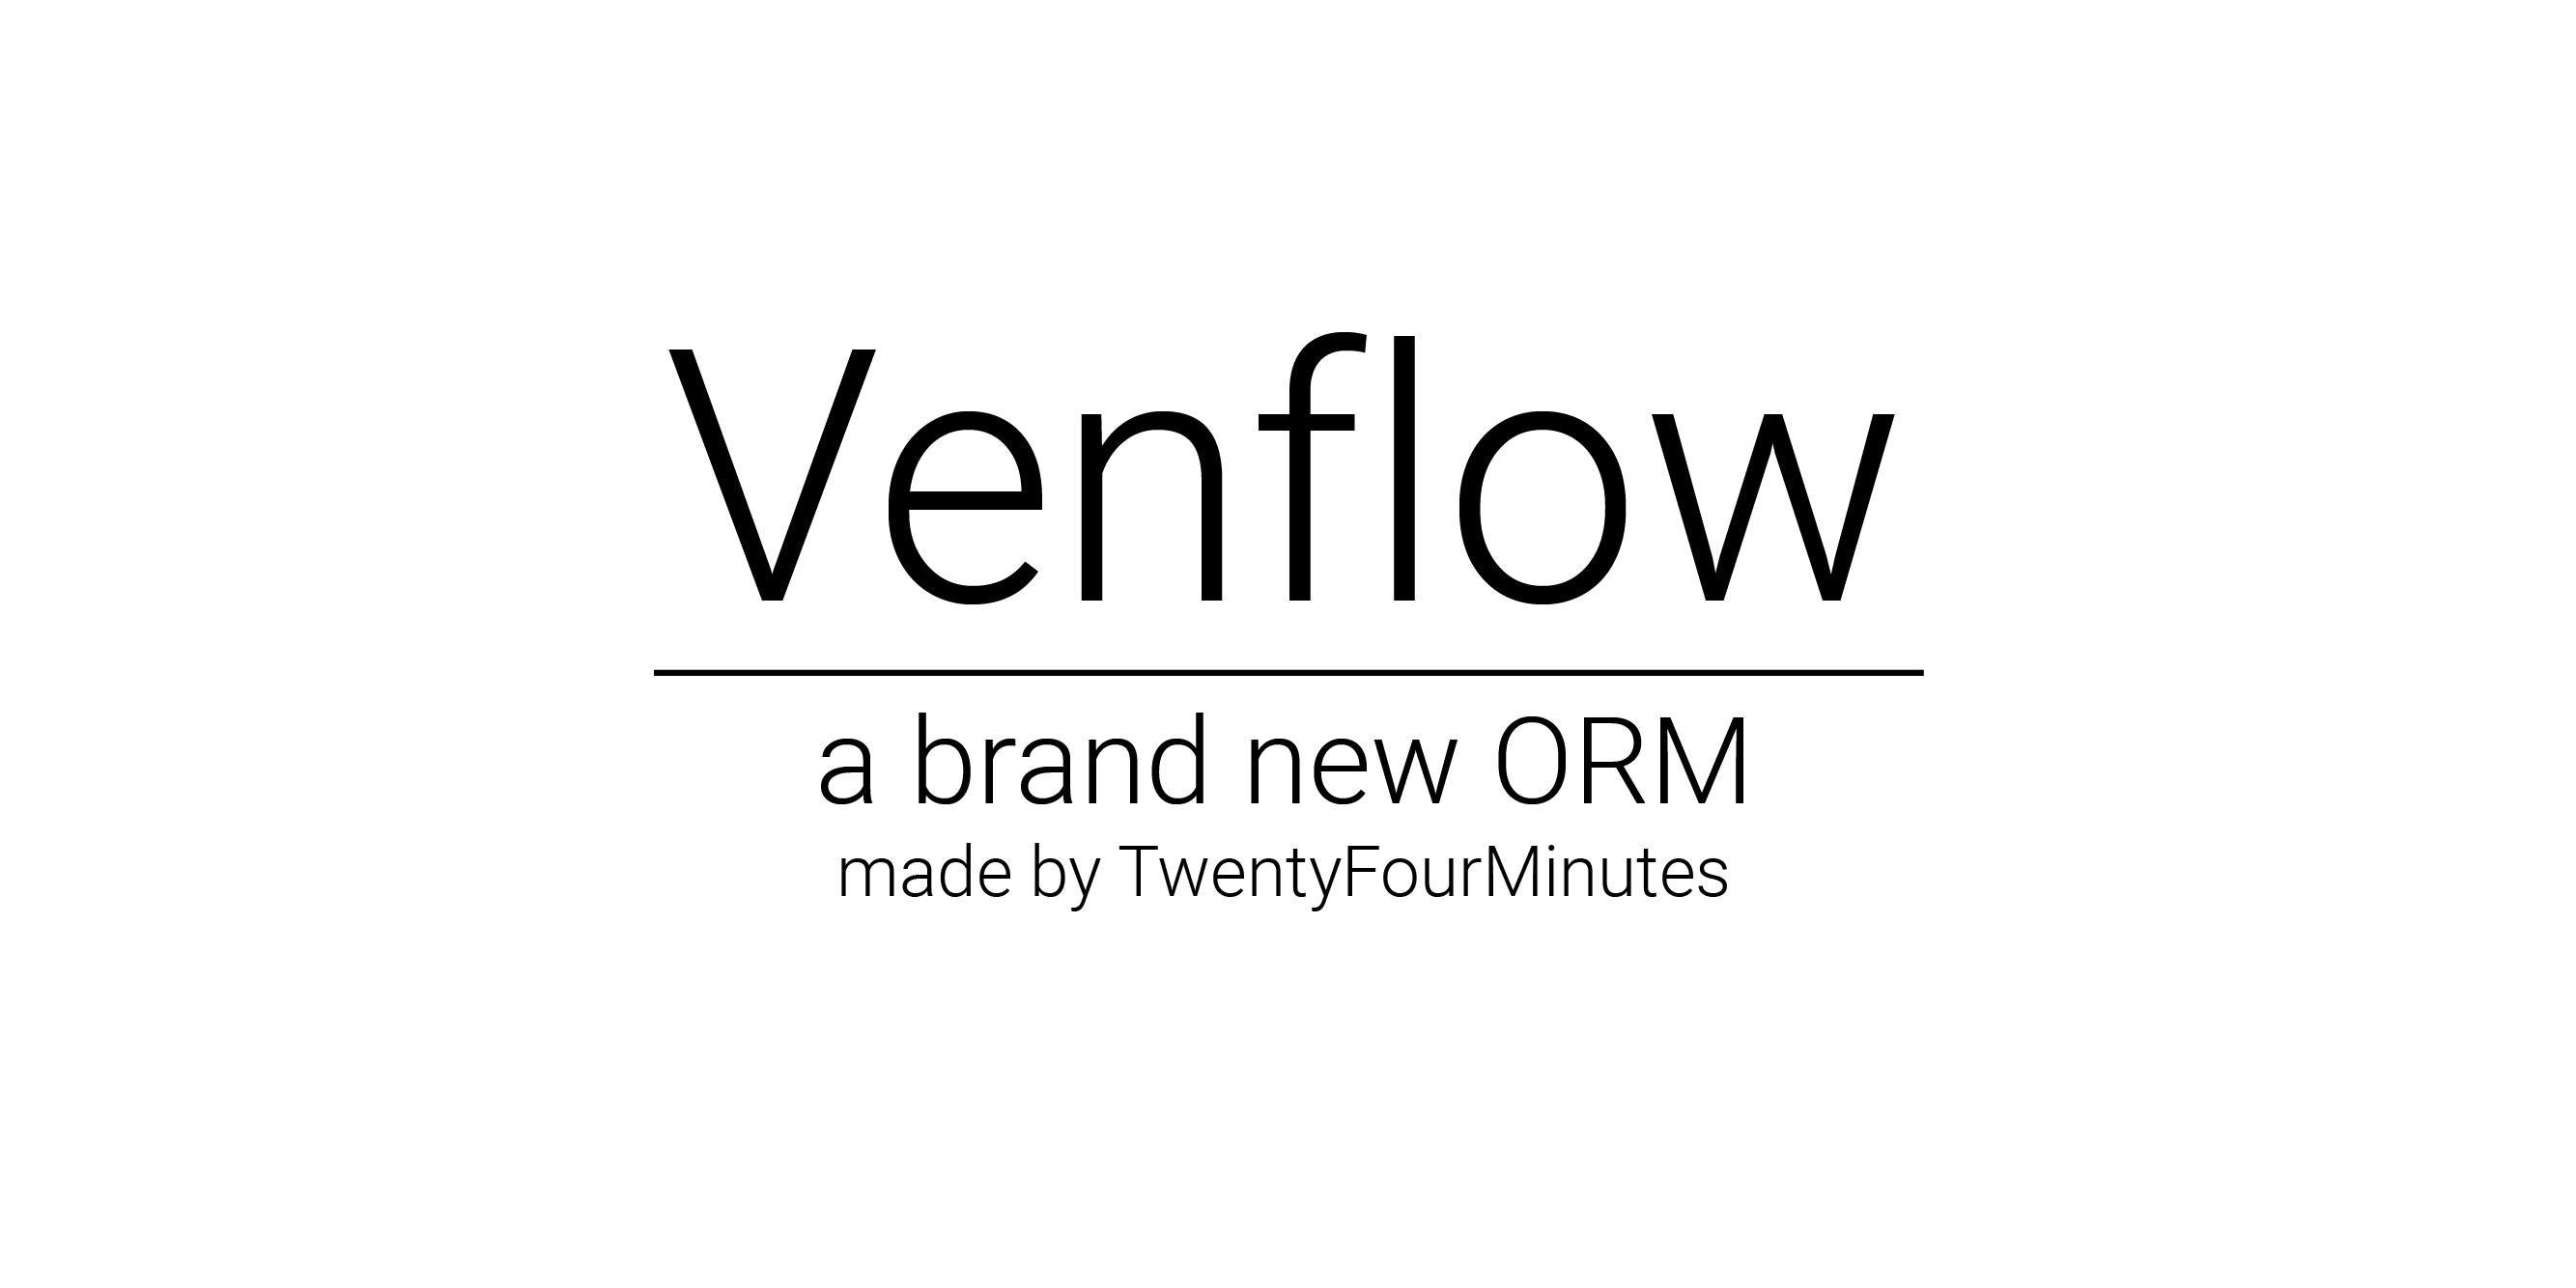 Venflow